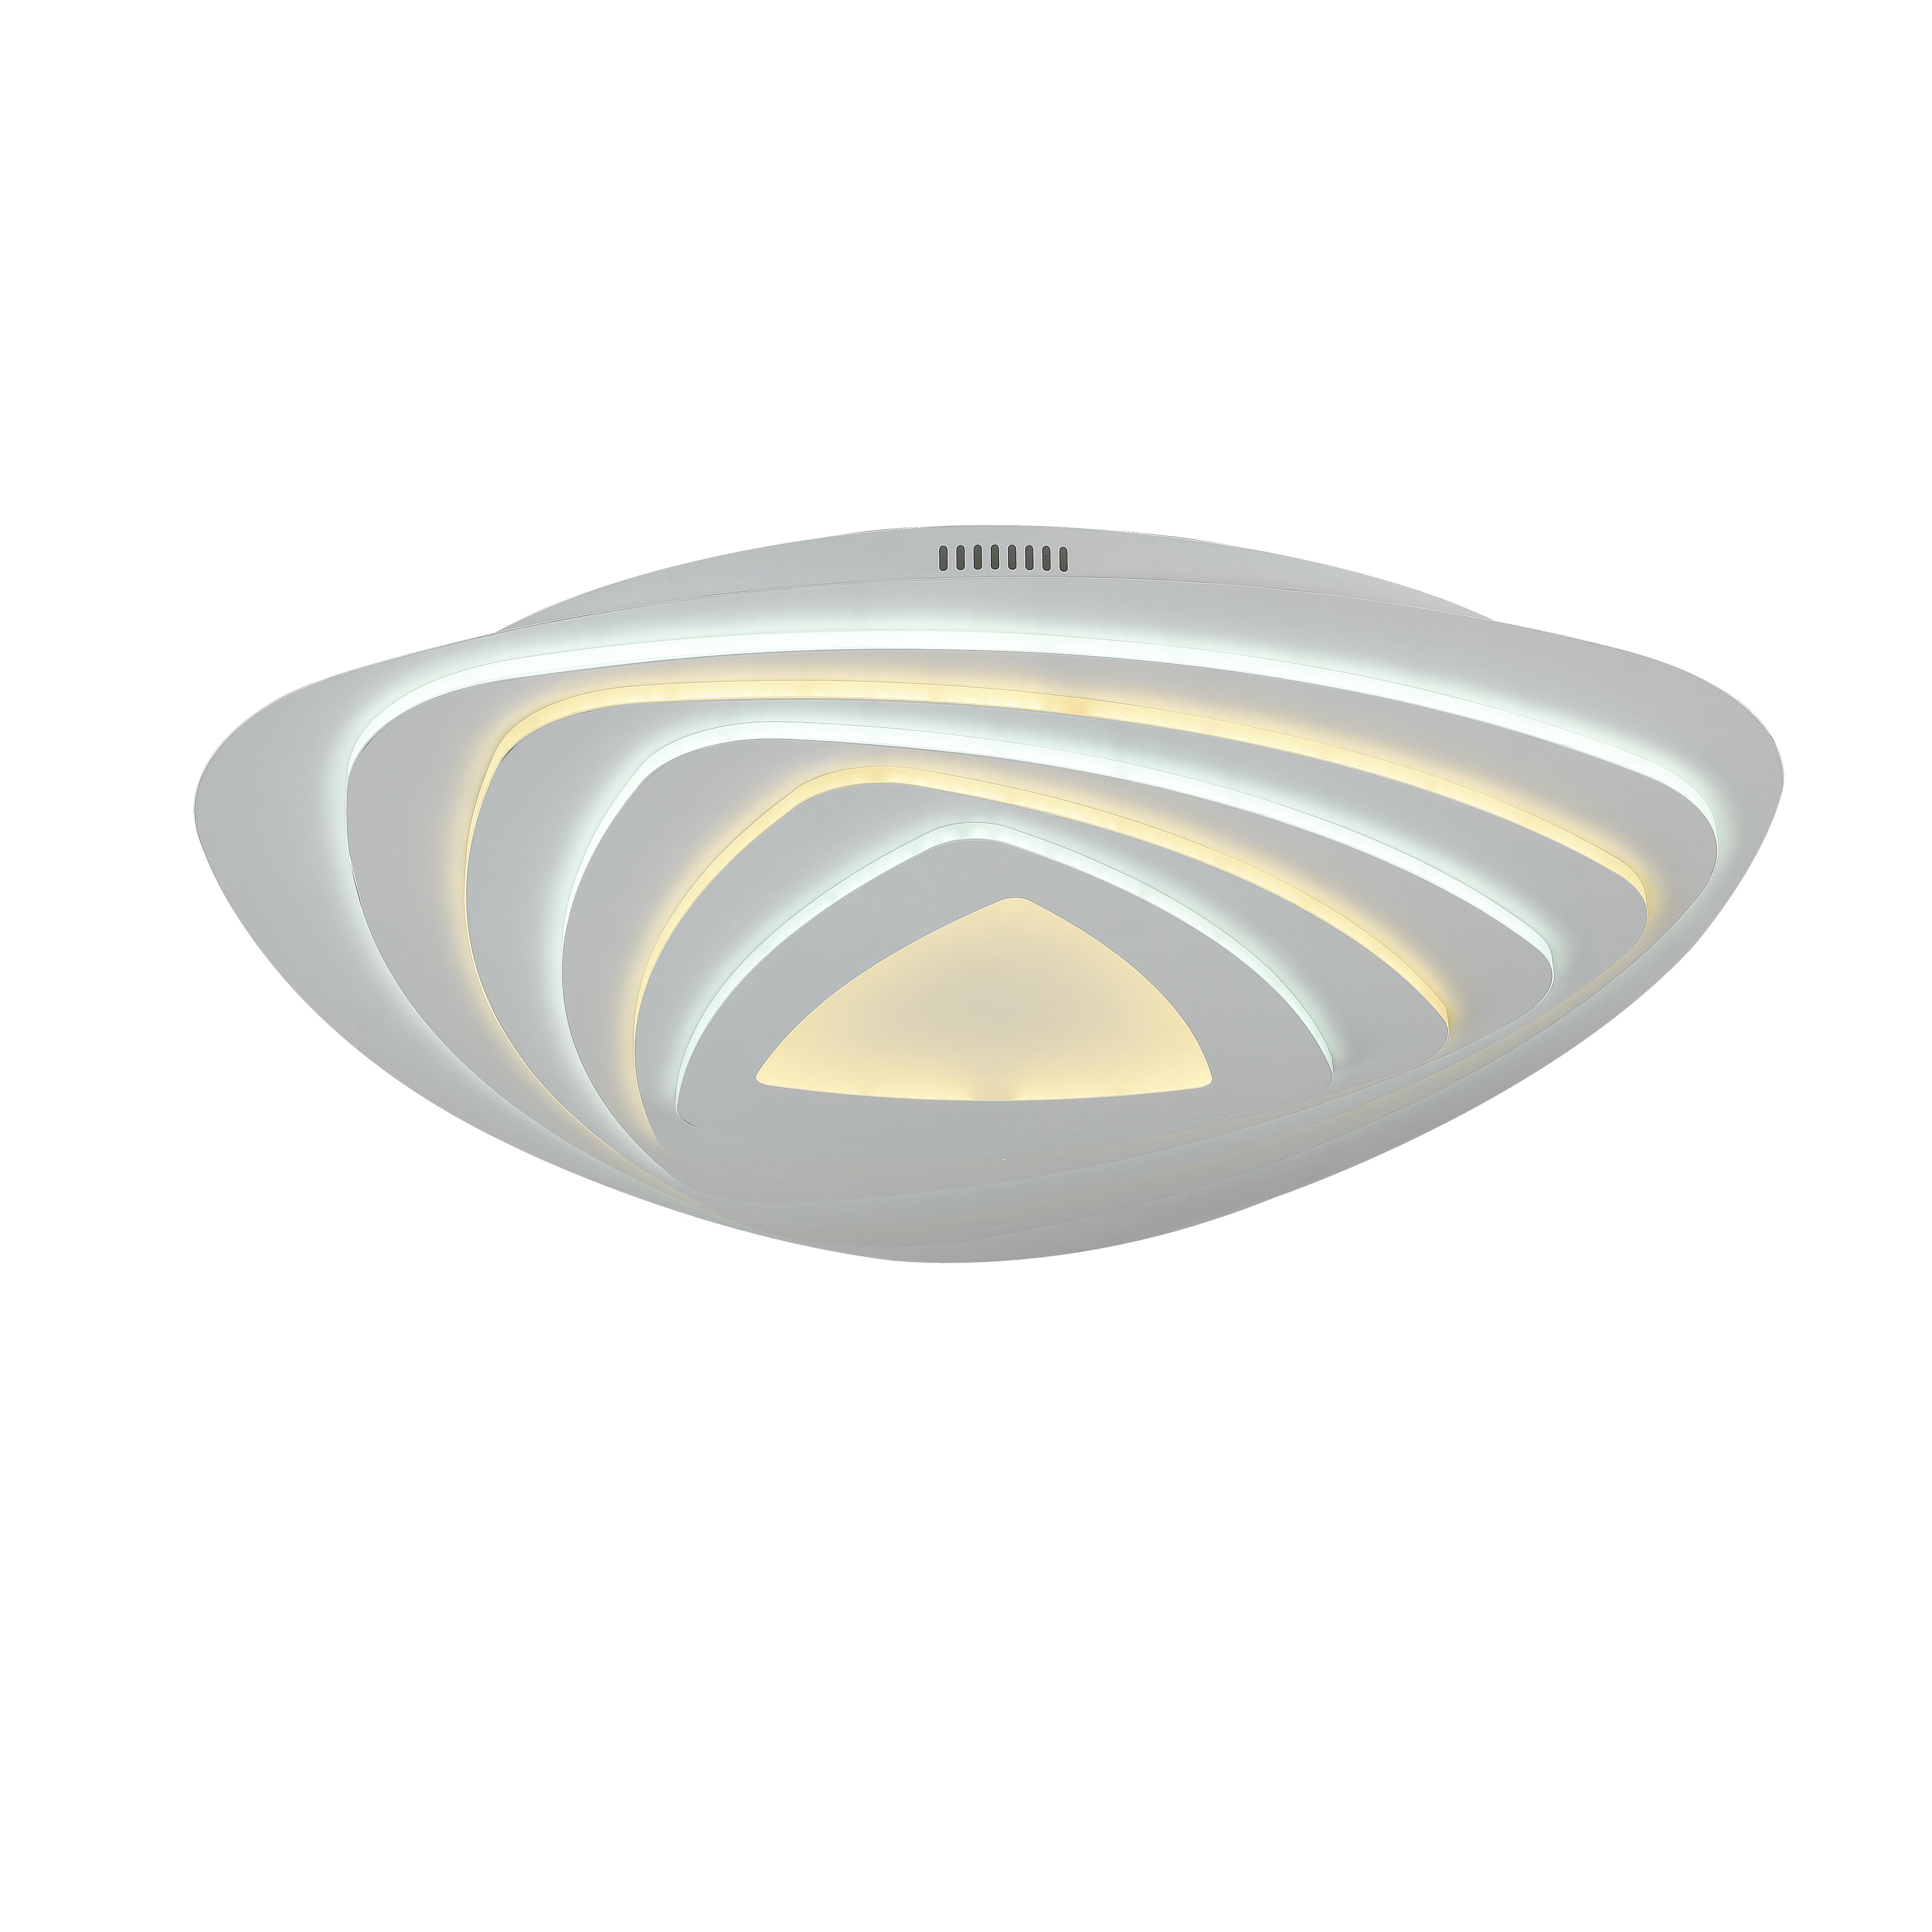 Потолочный светильник с пультом ДУ Favourite F-Promo LEDolution 2288-8C 3000-6400K, белый, металл, пластик - фото 1